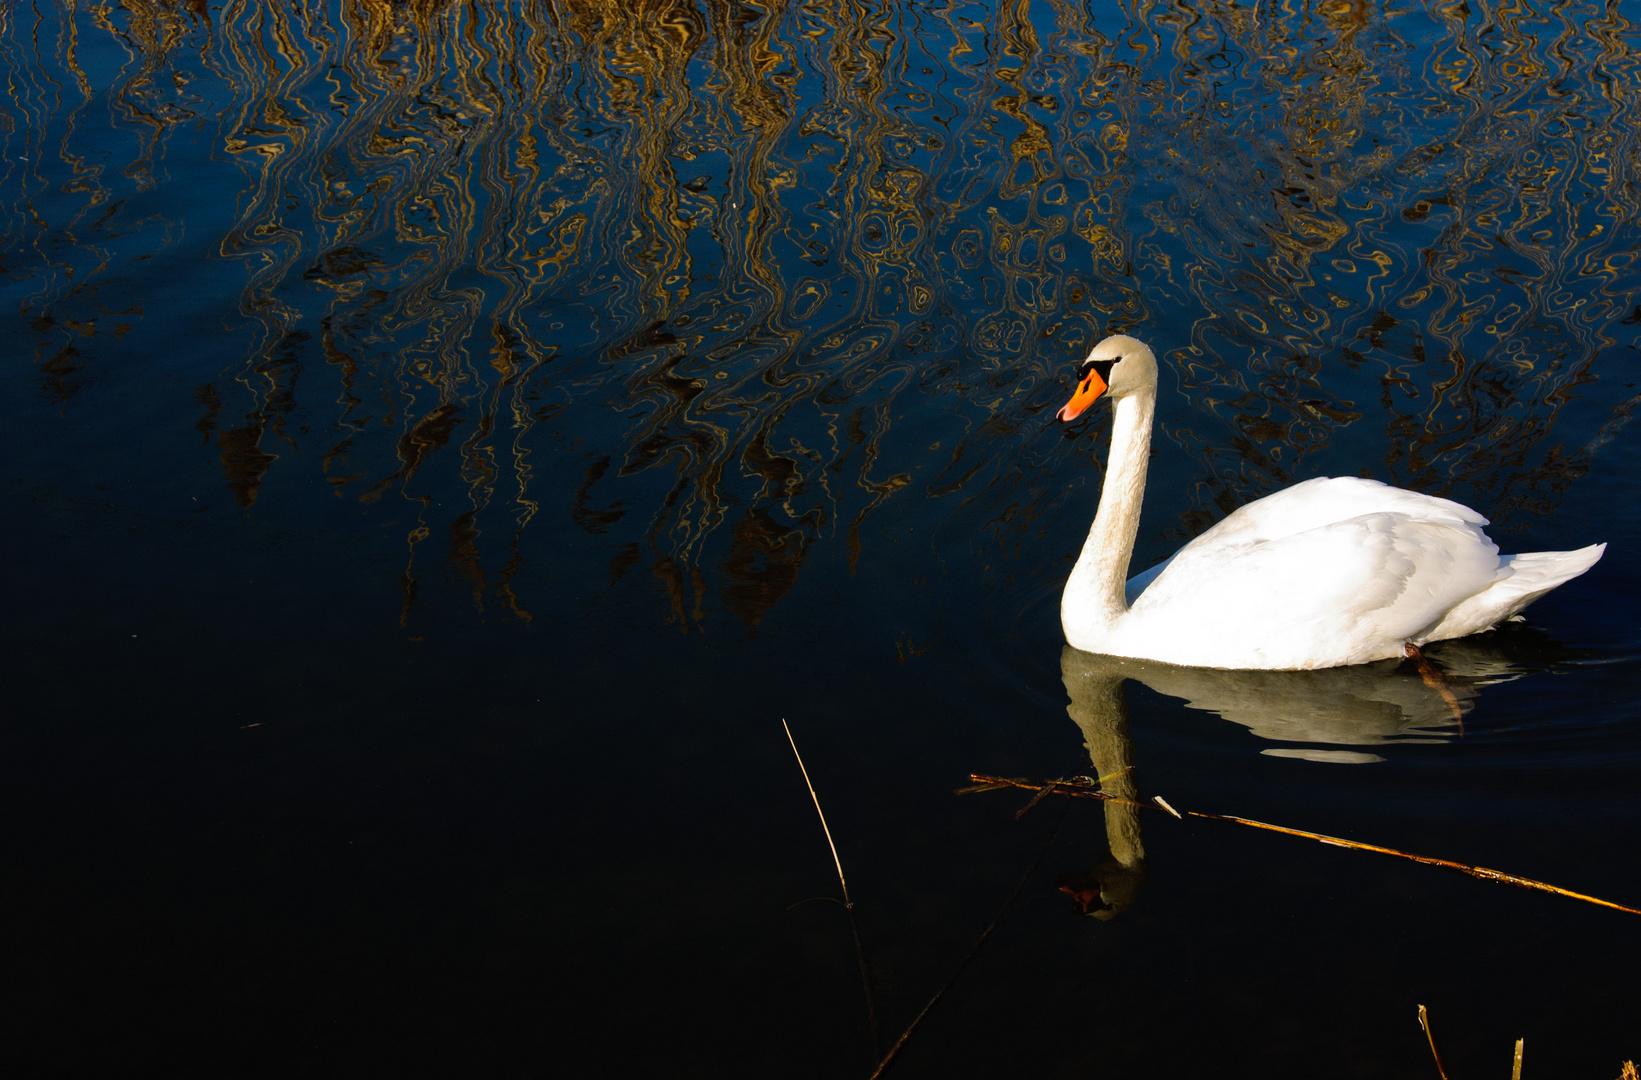 van Swan